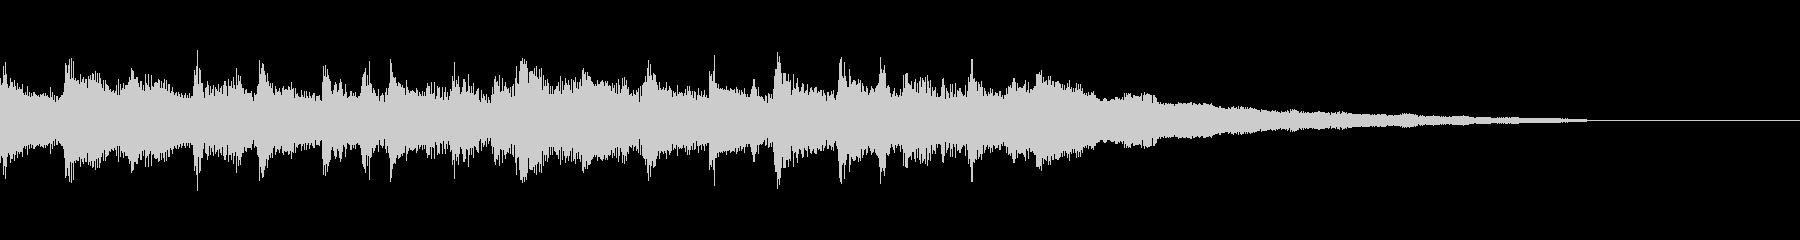 ほのぼのとしたウクレレとピアノのジングルの未再生の波形